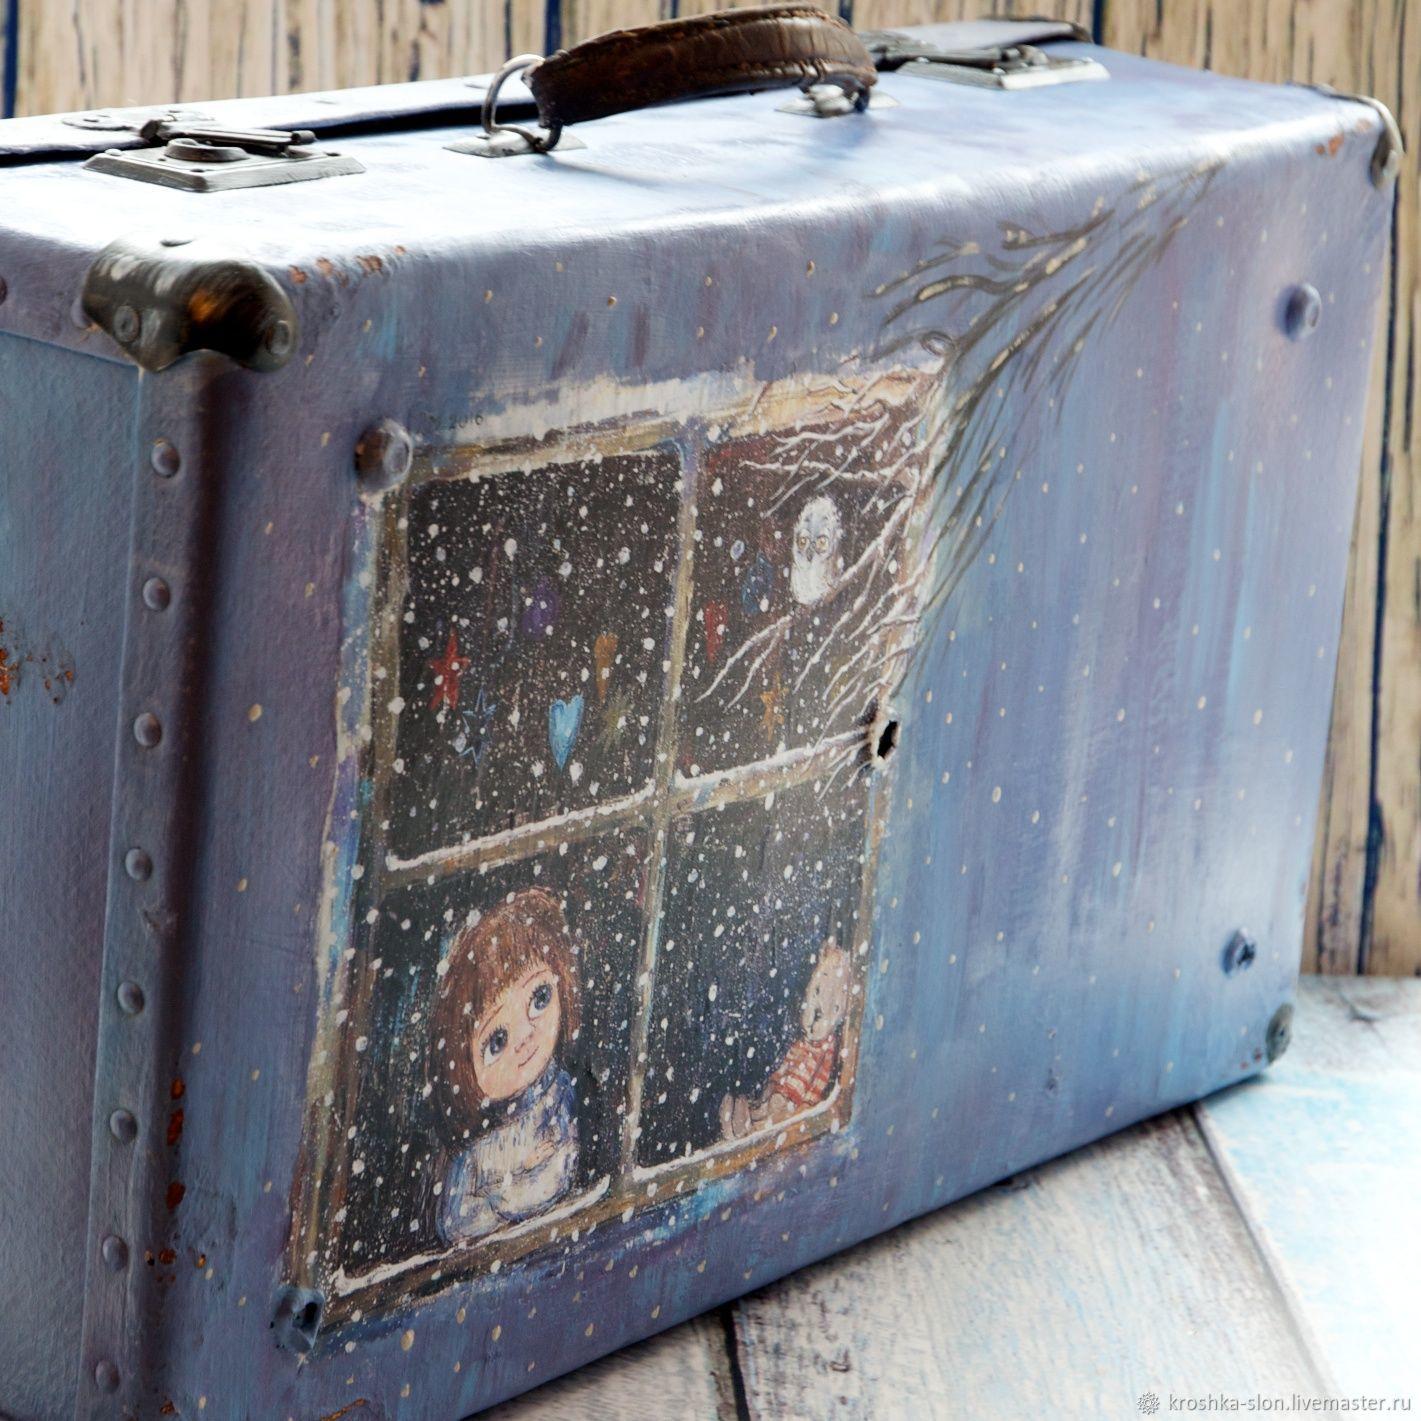 Ярмарка Мастеров · Чемоданы ручной работы. Большой старый чемодан. Татьяна  Косова (tatyanakosova). Ярмарка Мастеров ... 0de65fe07e8